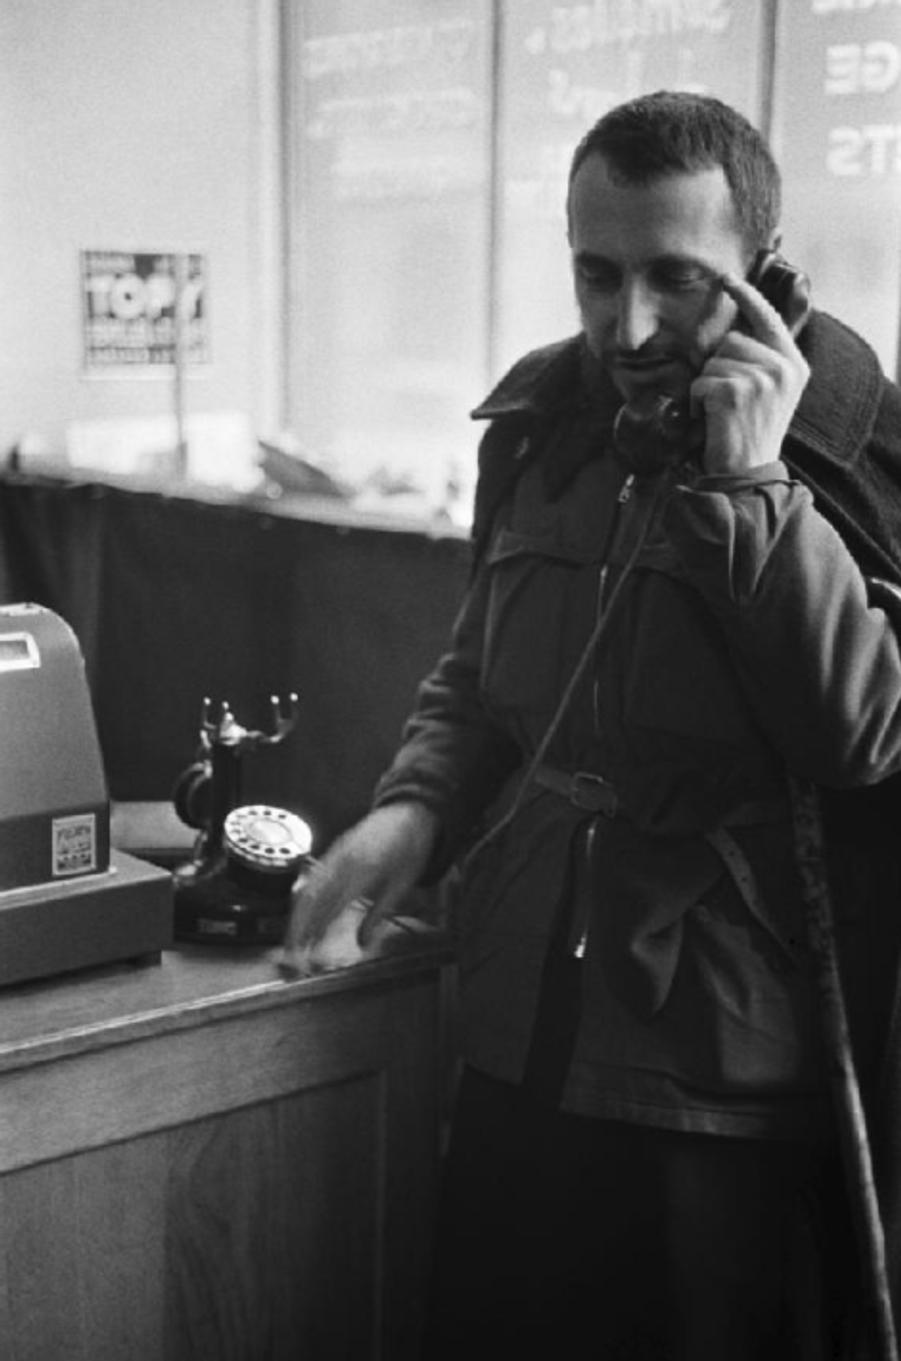 Le matin du 1er février 1954, l'abbé Pierre lance à la radio un appel en faveur des sans-abris, qui, repris par la radio, la presse et la TV soulève une immense vague de solidarité. Toutes les heures il téléphone à son QG de Neuilly-Plaisance, toujours vêtu du même blouson brun sur sa soutane usée. Les dons ont transformé son compte de chèques-postaux n° 4537-20 (Groues Pierre) en une banque des sans-abris. Il vient d'ouvrir à l'hôtel Dorchester, 92 rue de la Boétie à Paris, un centre où peuvent être adressés les dons de toute nature.